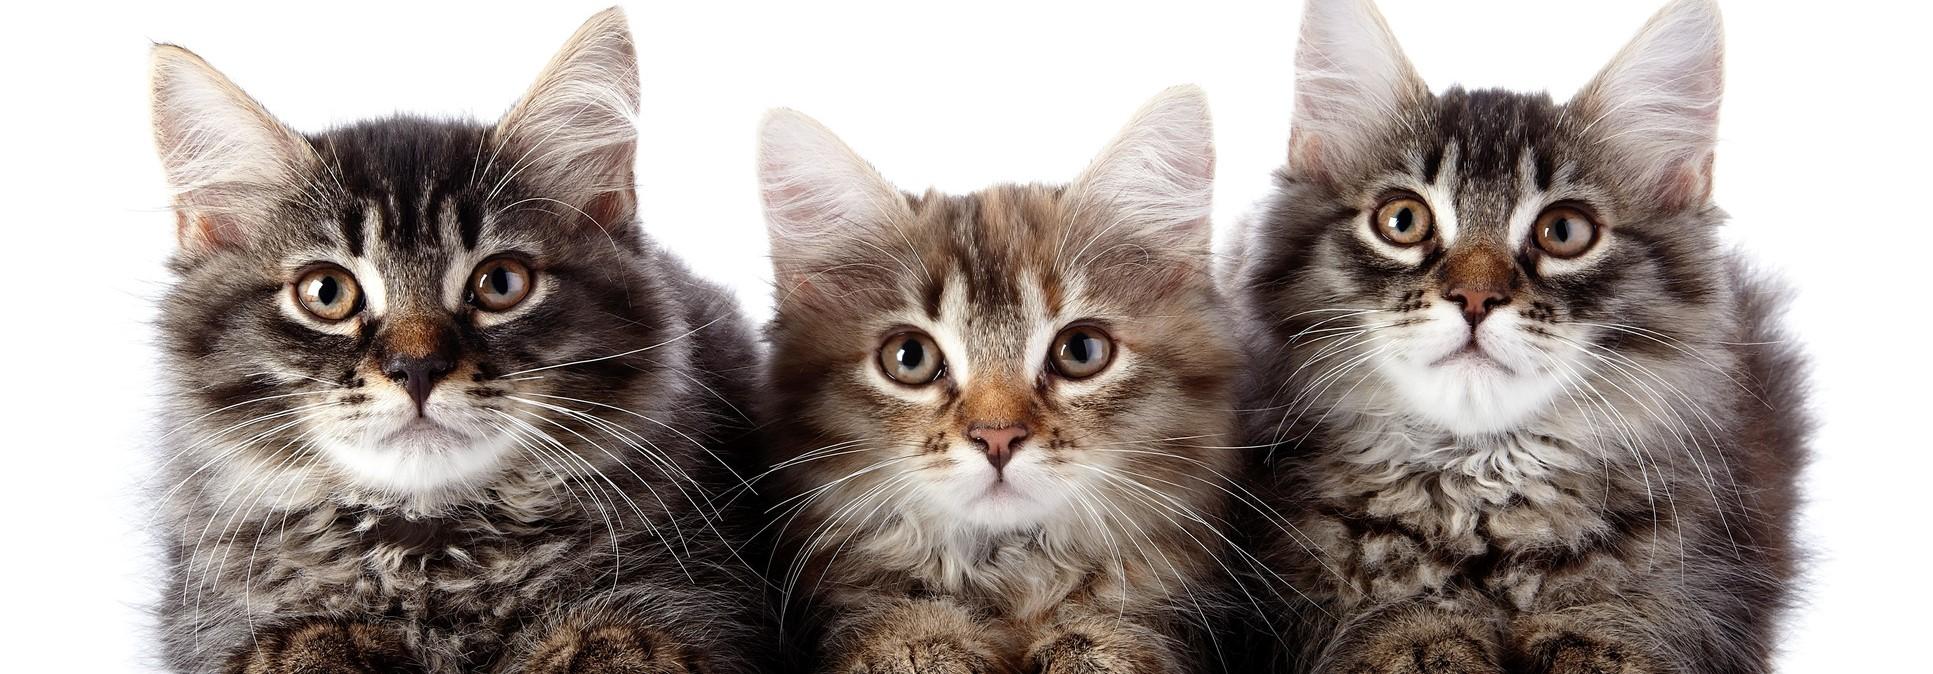 قطط , حيوانات- اعلن مجاناً في منصة وموقع عنكبوت للاعلانات المجانية المبوبة|photos/2018/03/slider1-cats.jpg